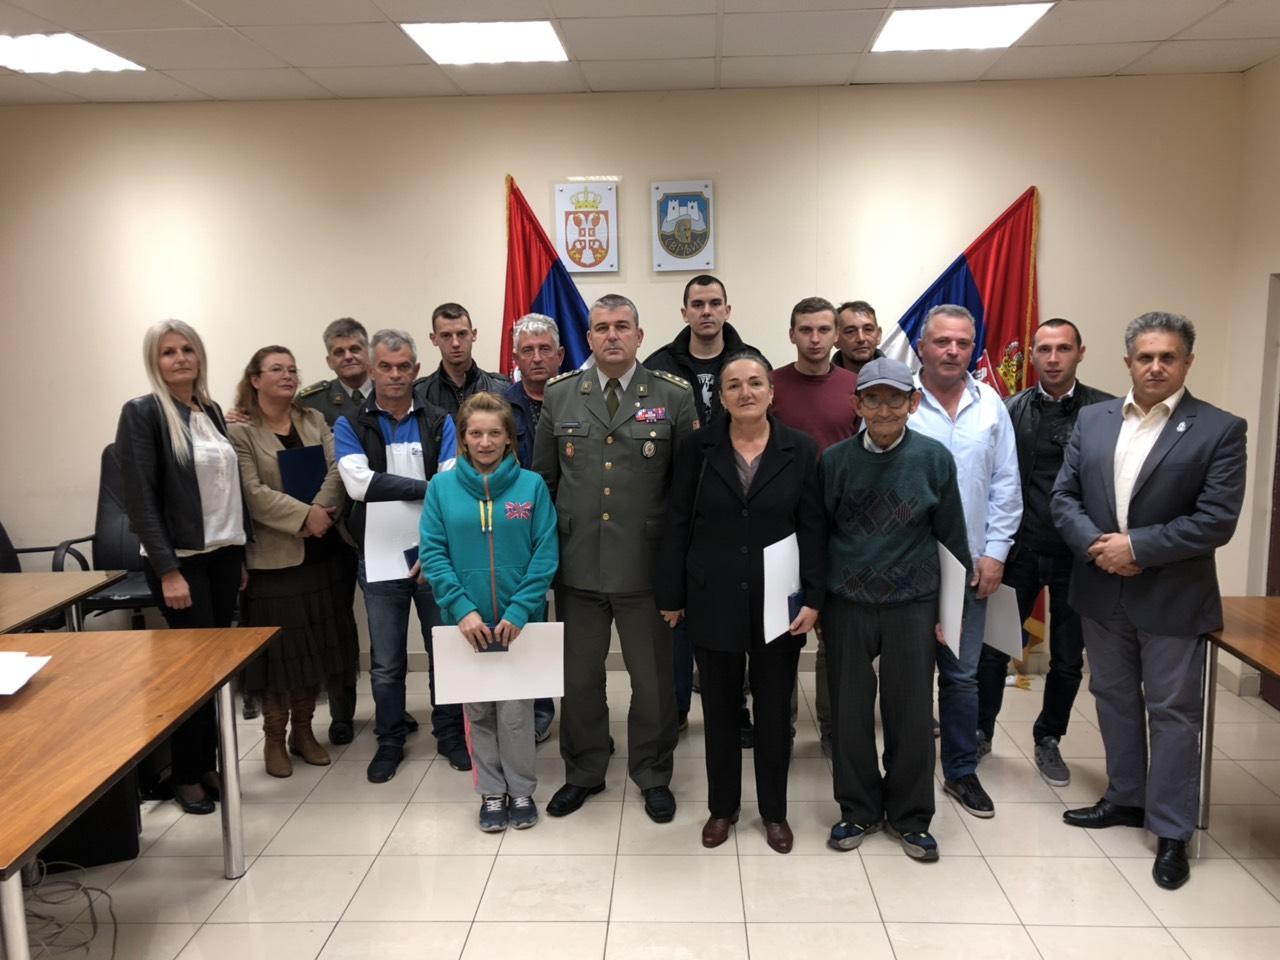 ZAHVALNOST: Značke i Zahvalnice Svrljižanima koji su dobrovoljno služili vojsku